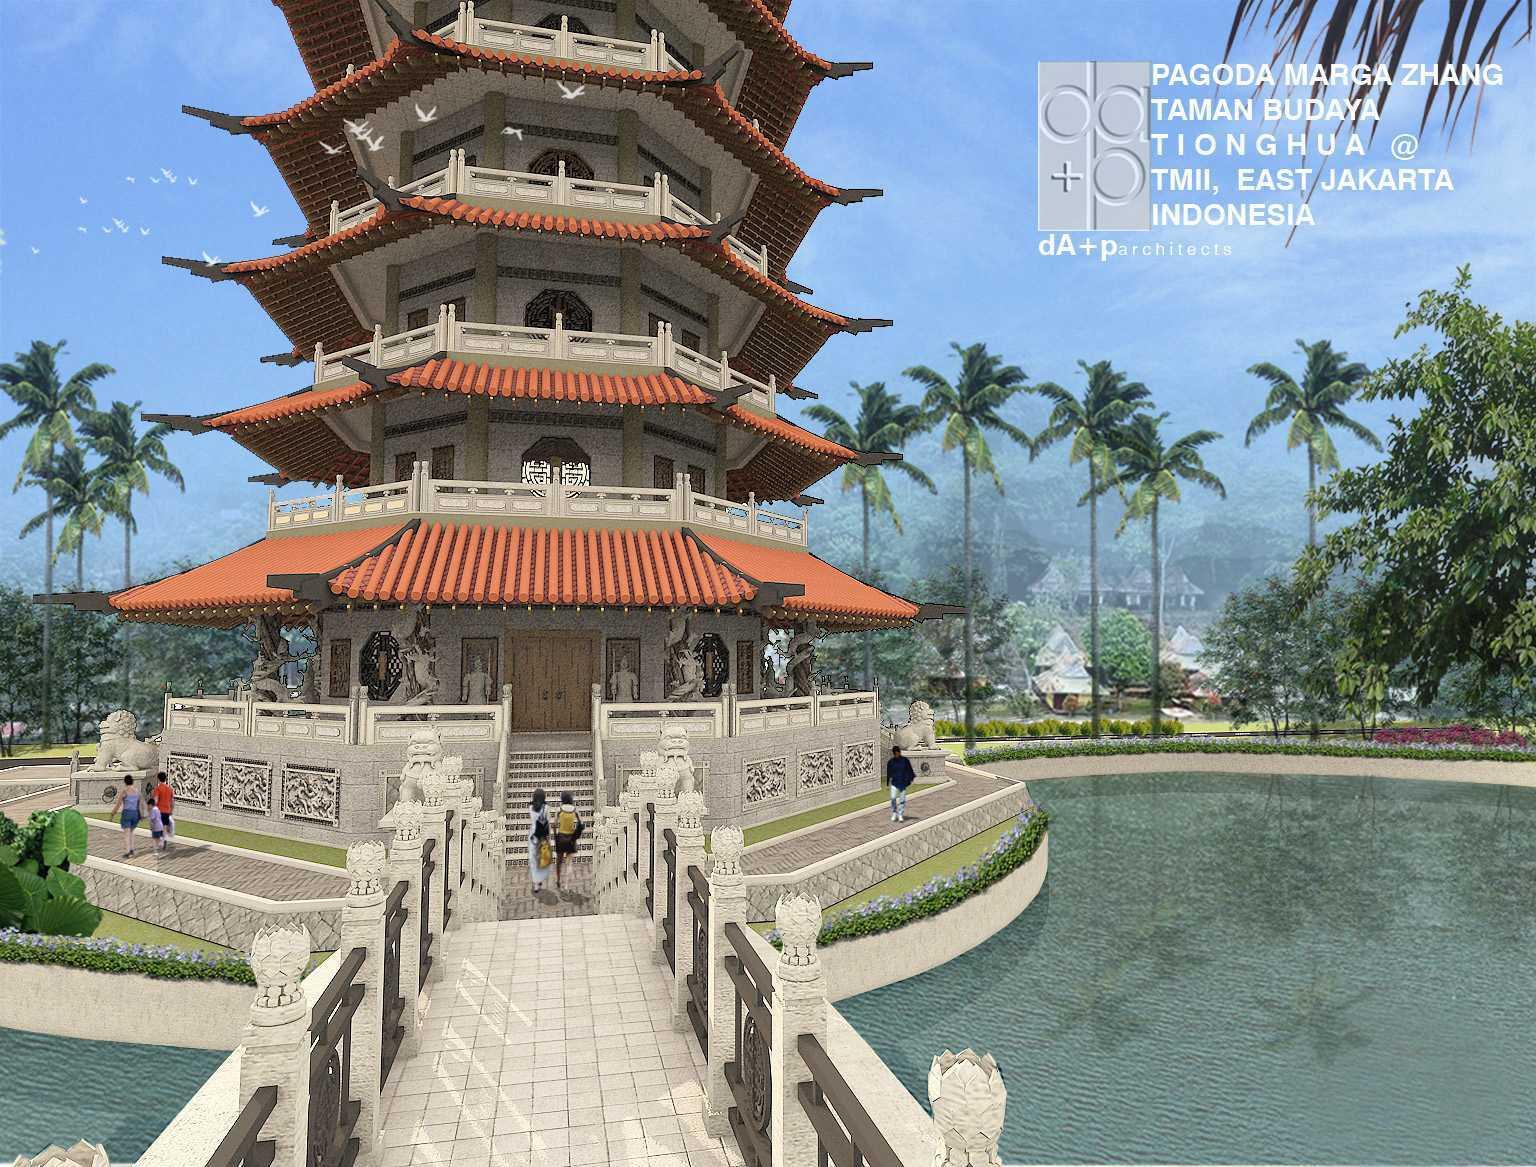 Rully Tanuwidjaja Pagoda- Zhang Family Clan Kota Jakarta Timur, Daerah Khusus Ibukota Jakarta, Indonesia Kota Jakarta Timur, Daerah Khusus Ibukota Jakarta, Indonesia Rully-Tanuwidjaja-Pagoda-Zhang-Family-Clan  62476